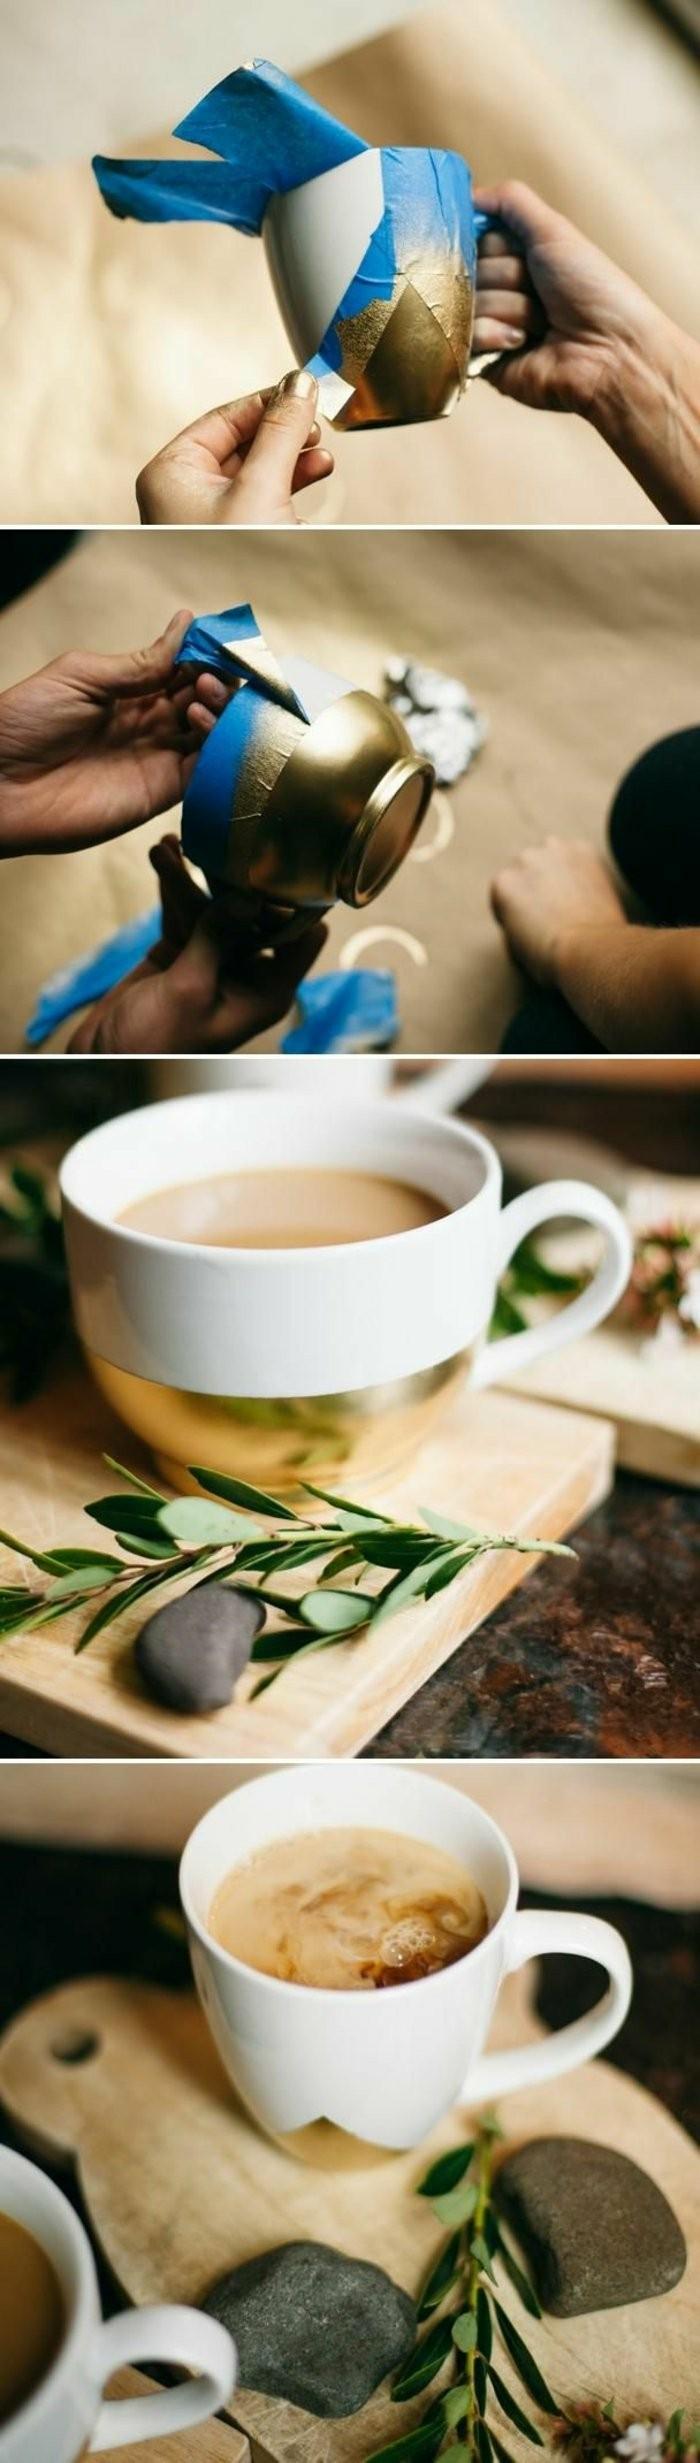 DIY-Projekt-für-personalisierte-Kaffeetasse